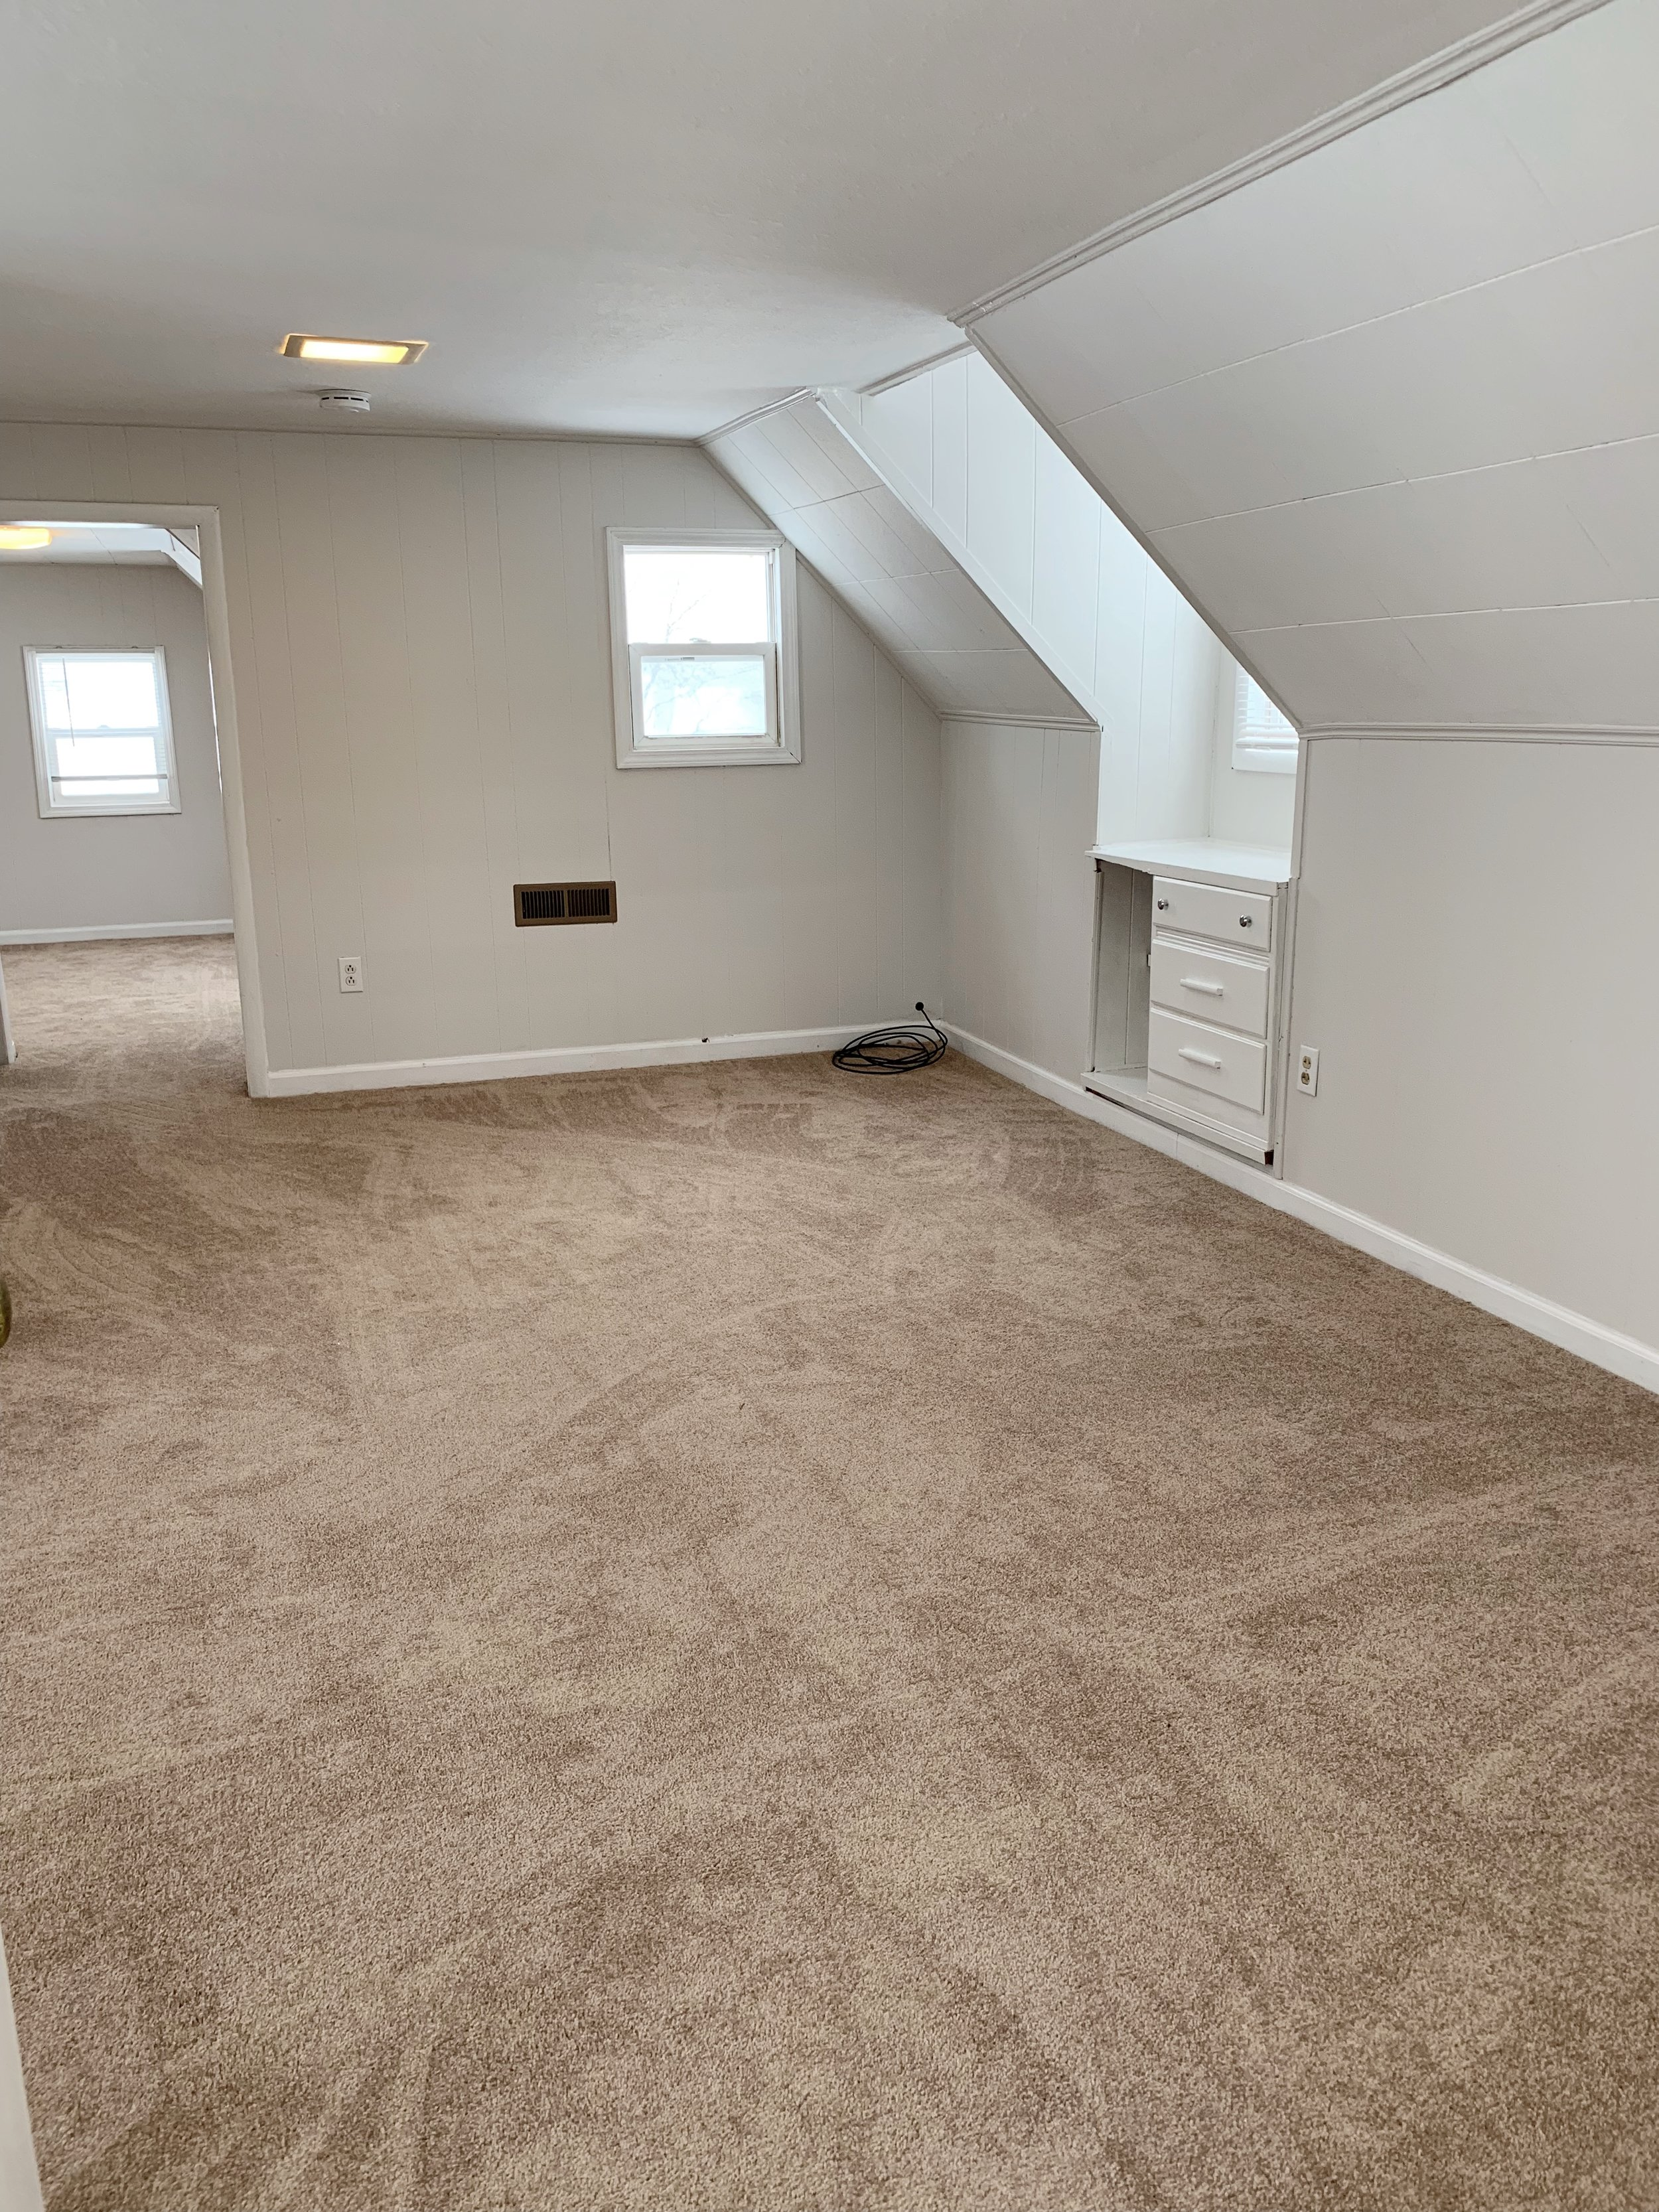 Large upstairs bedroom with bonus room